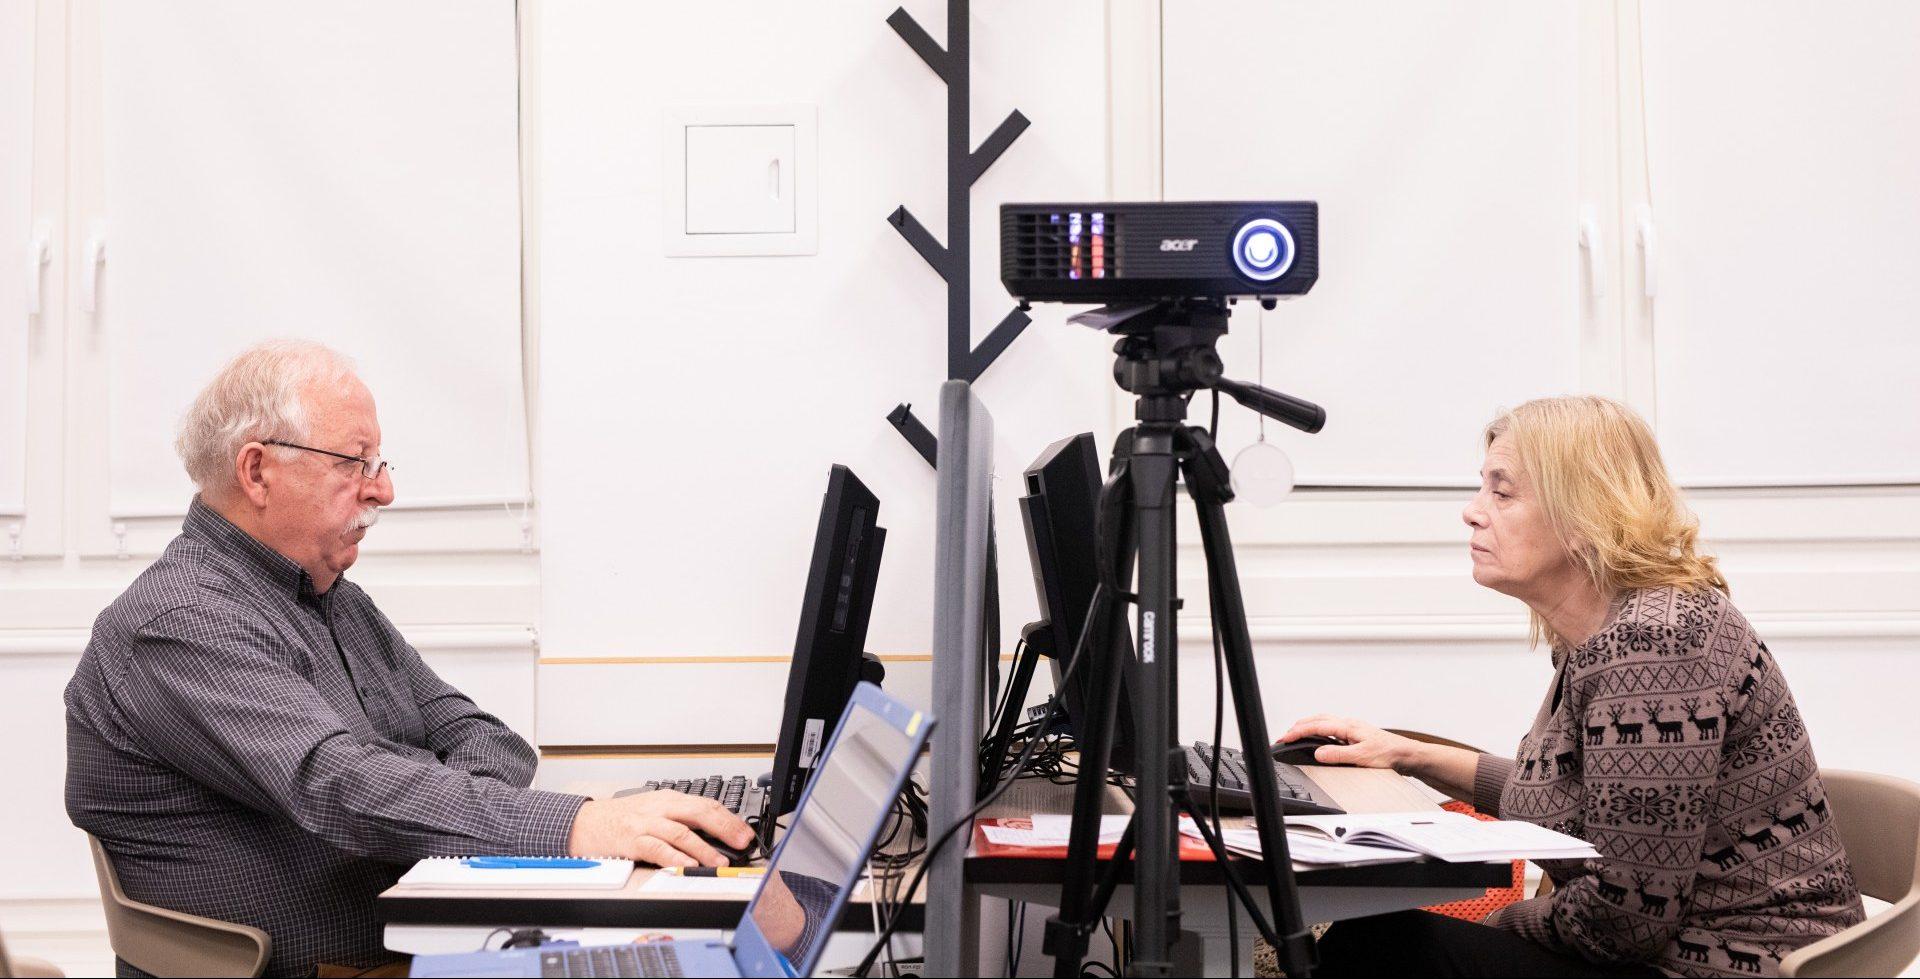 Na zdjeciu widać dwie osoby, patrzące w monitory komputerów, siedzące naprzeciwko siebie. Na pierwszym planie, widać rzutnik na statywie.